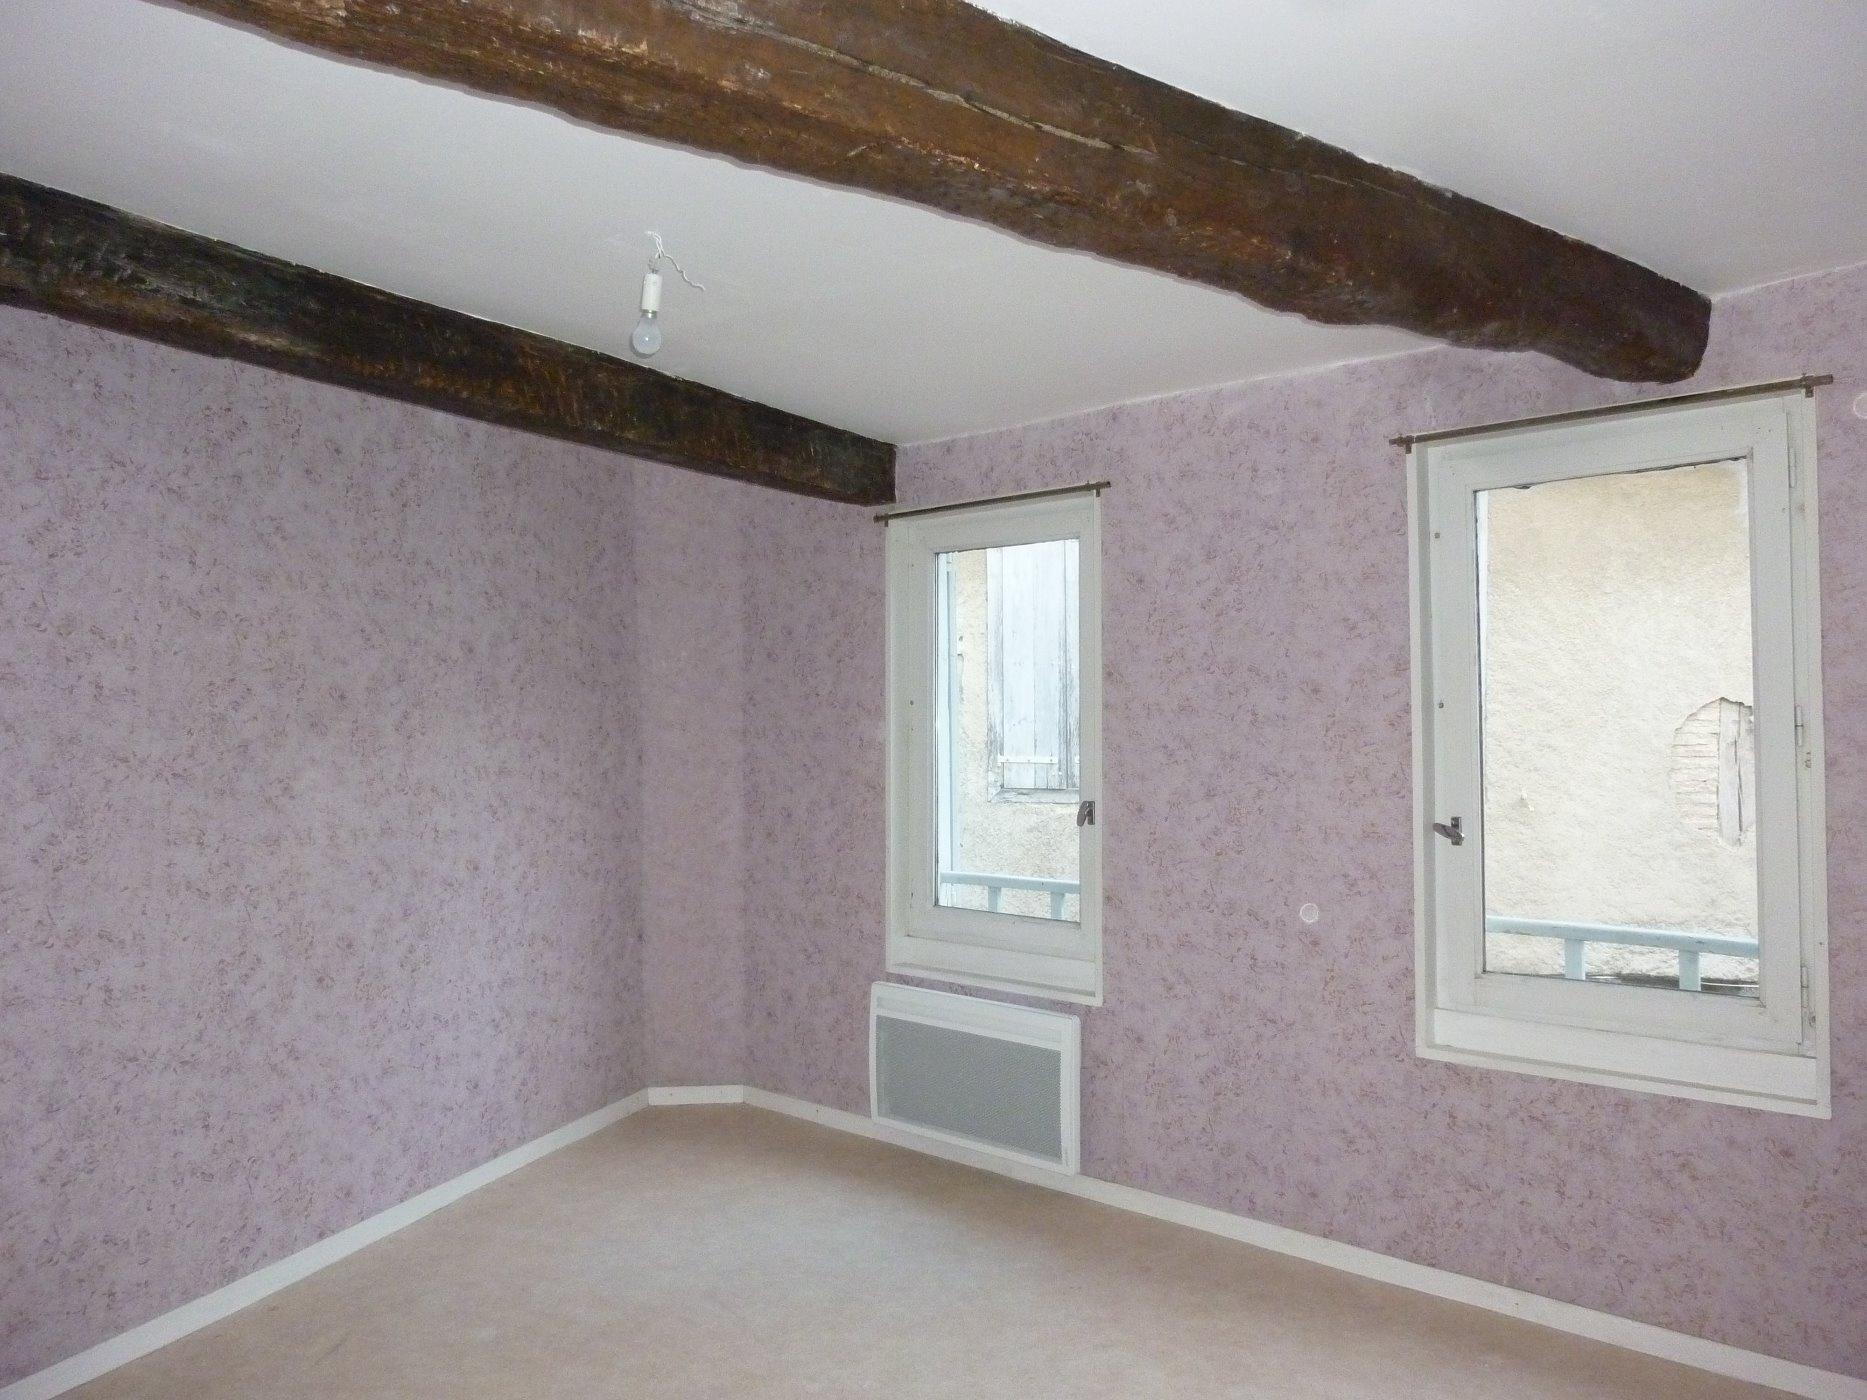 Chambre 1 (vue 1)